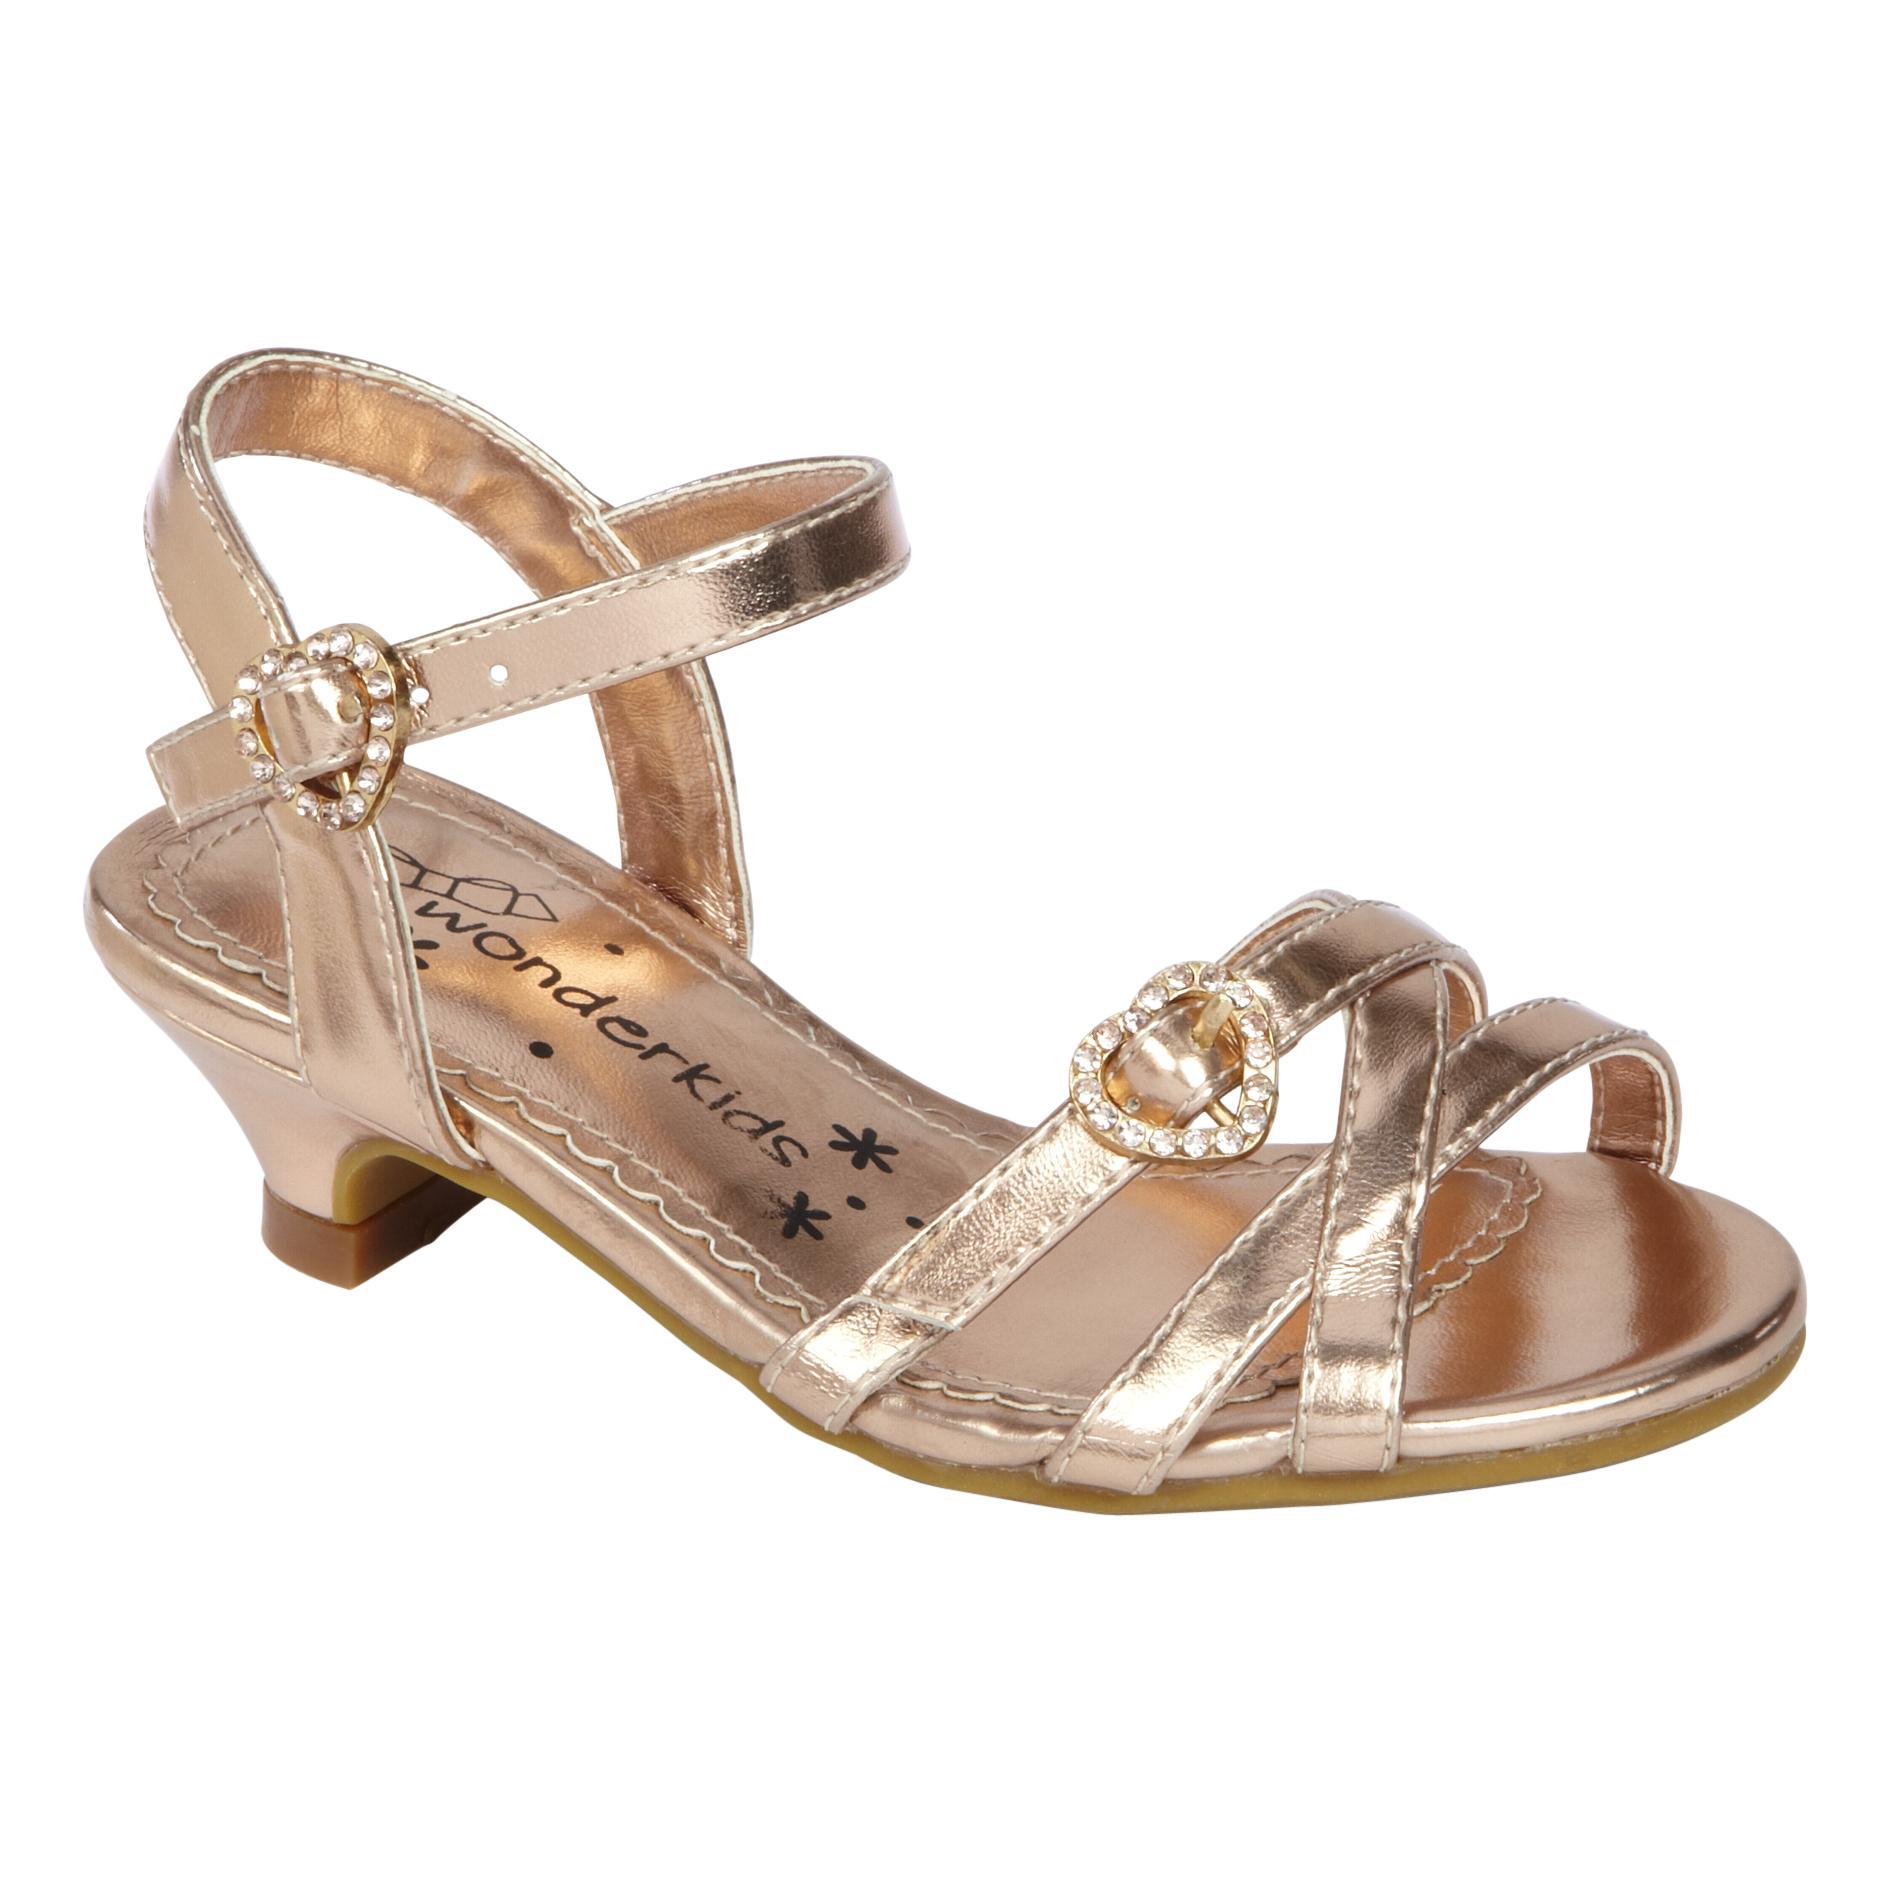 Kmart Toddler Girl Shoes